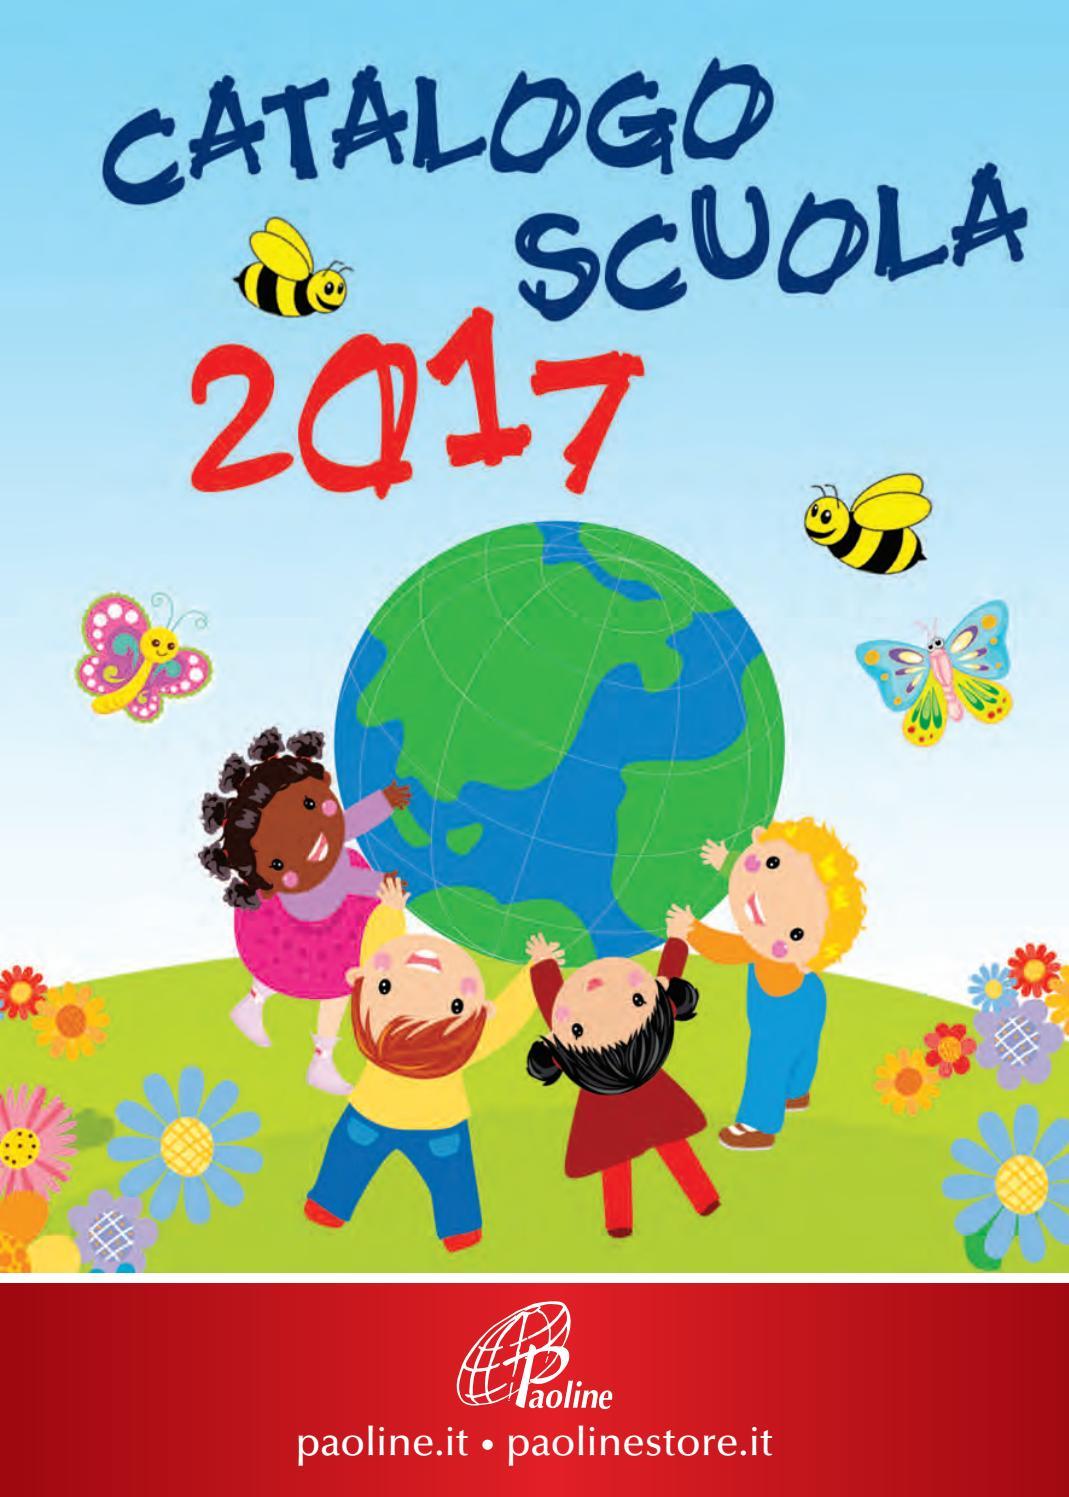 Recite Di Natale Edizioni Paoline.Catalogo Scuola Paoline 2017 By Paoline It Issuu